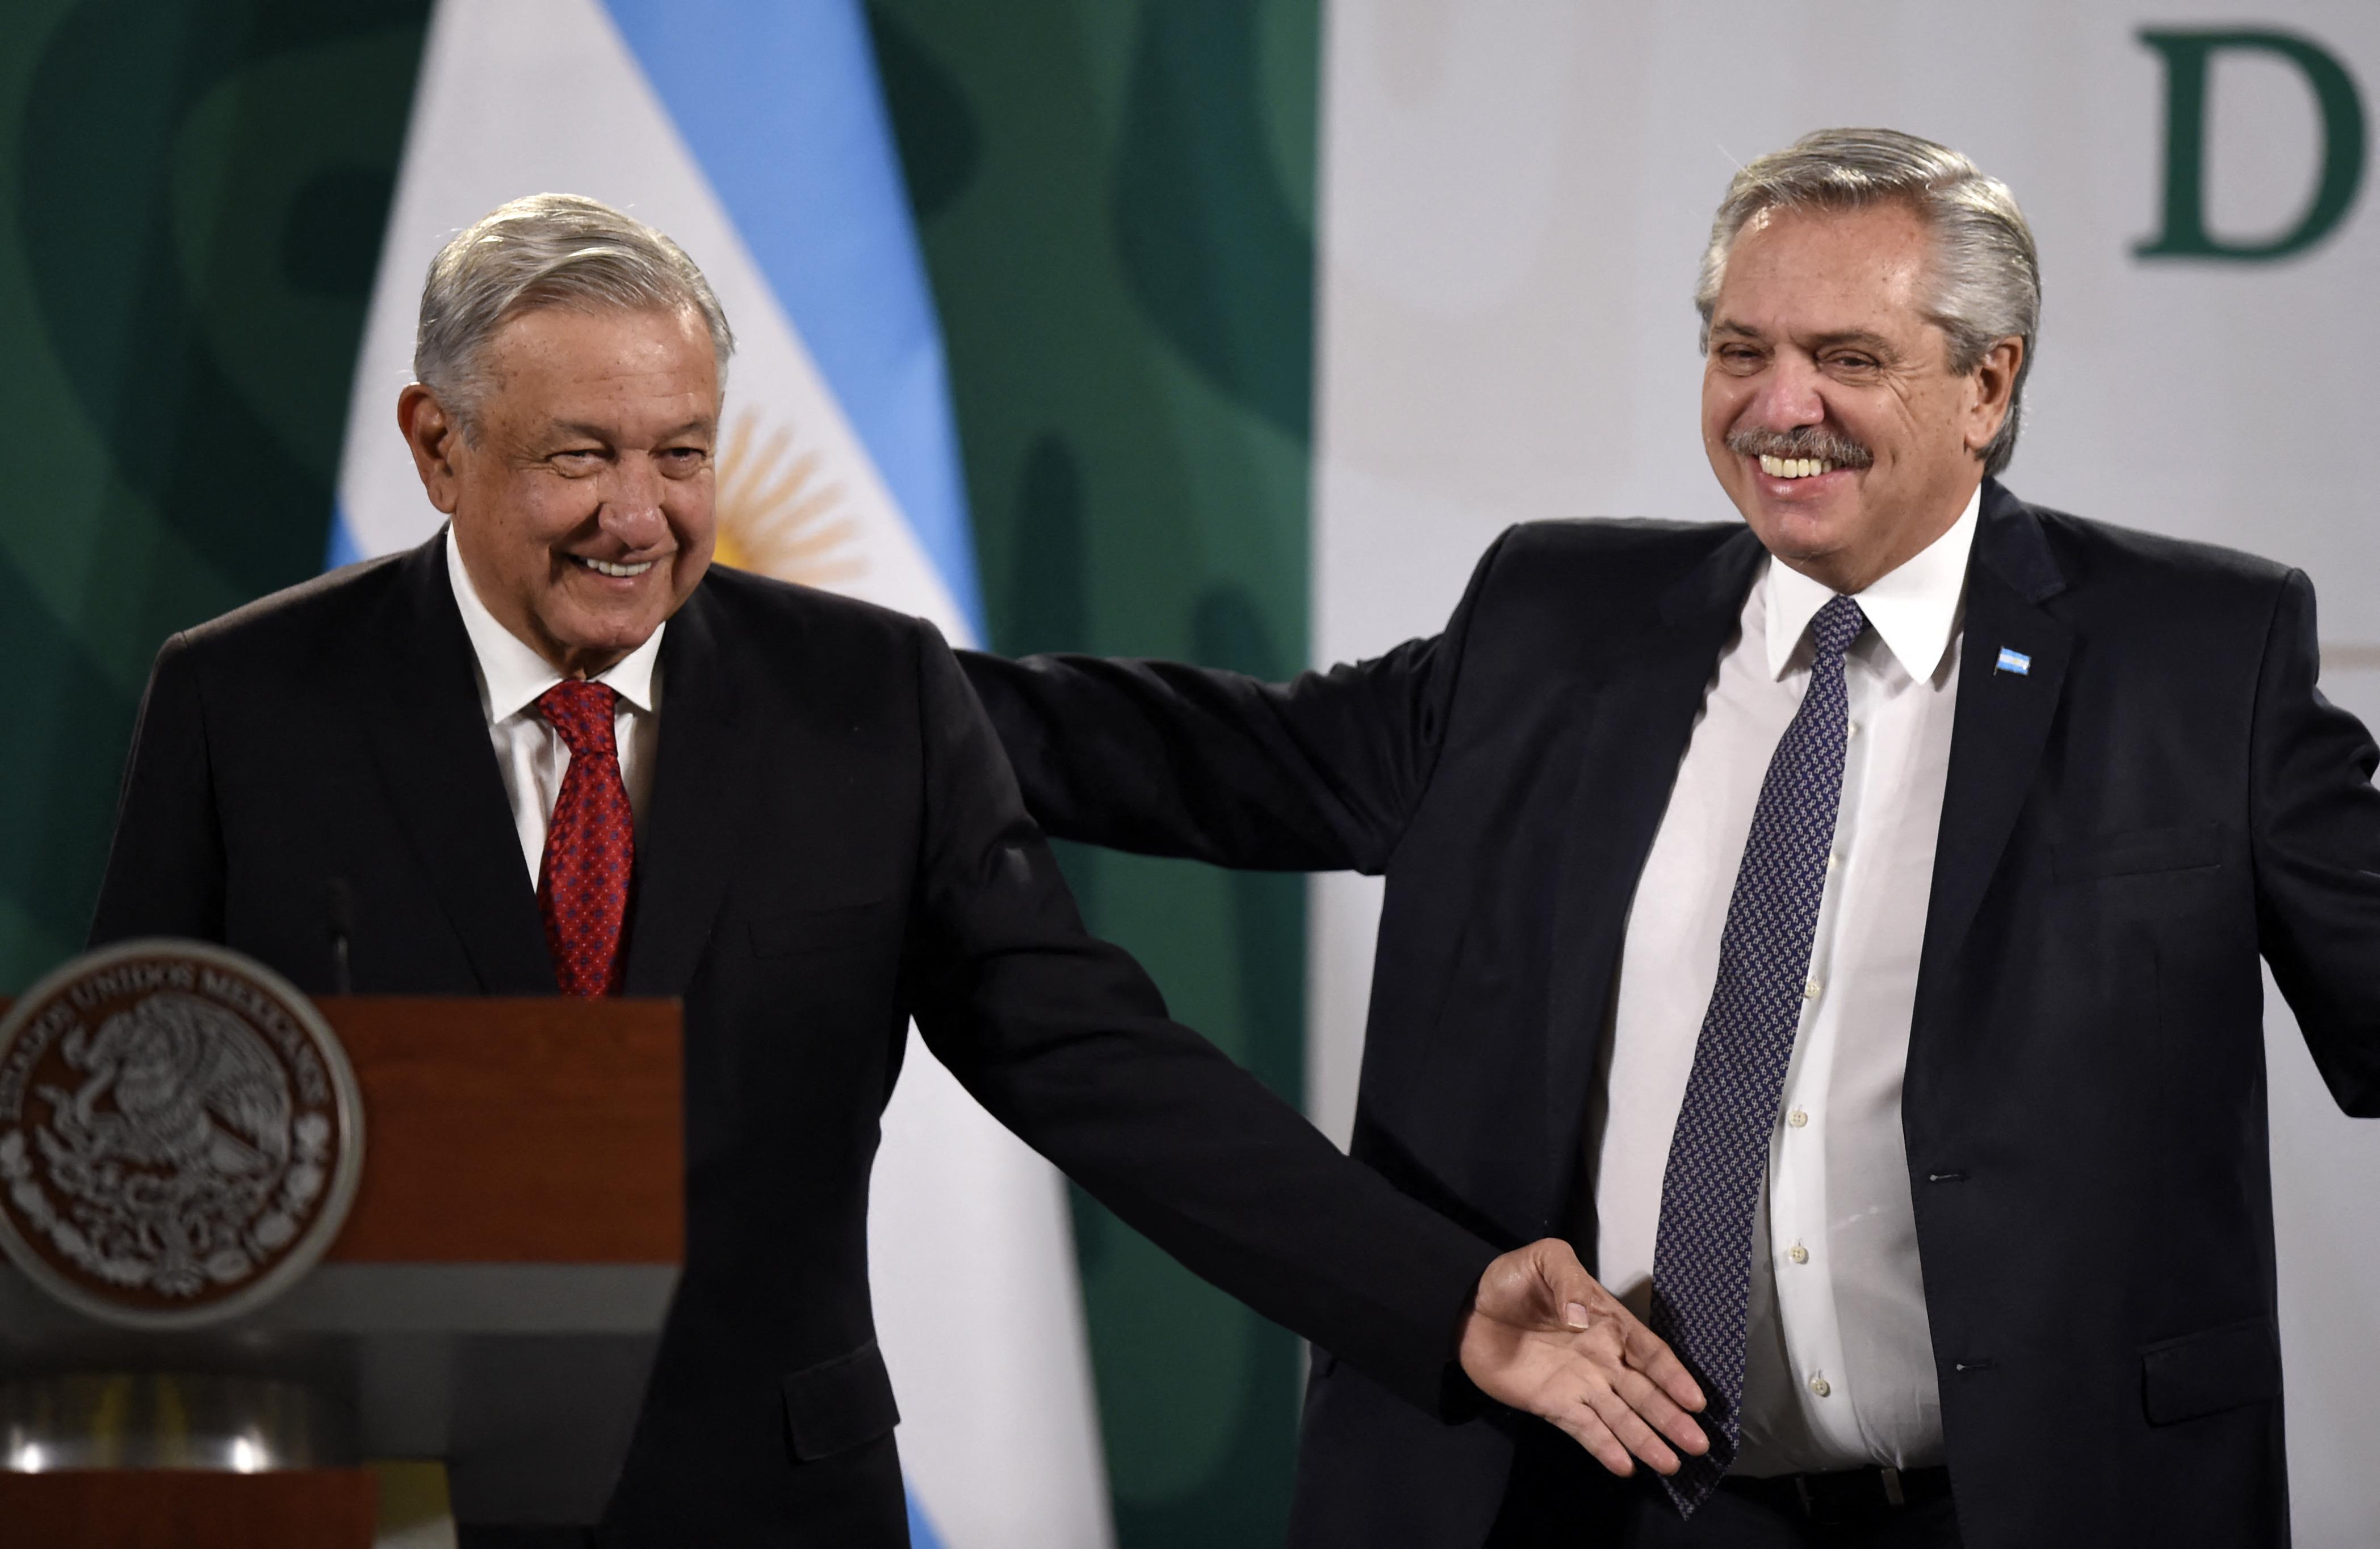 El presidente mexicano, Andrés Manuel López Obrador y su homólogo argentino, Alberto Fernández, hacen un gesto mientras se preparan para ofrecer una conferencia de prensa conjunta en la Ciudad de México el 23 de febrero de 2021.